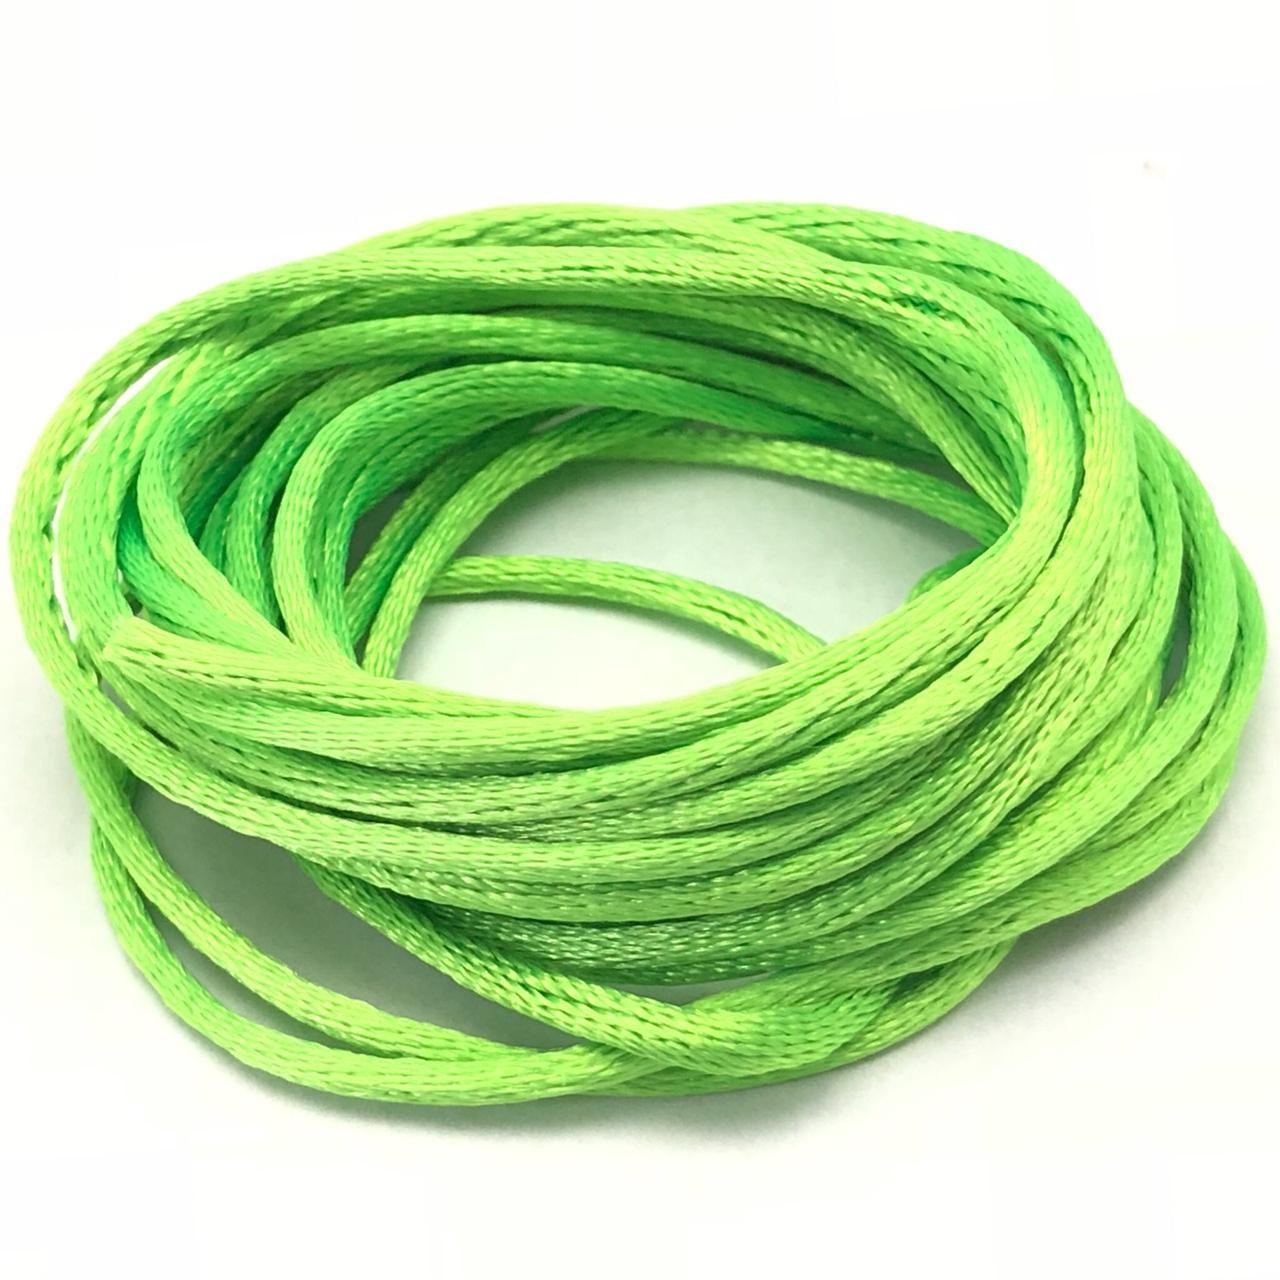 FS08 - Fio de Seda Verde Fluor - 3metros